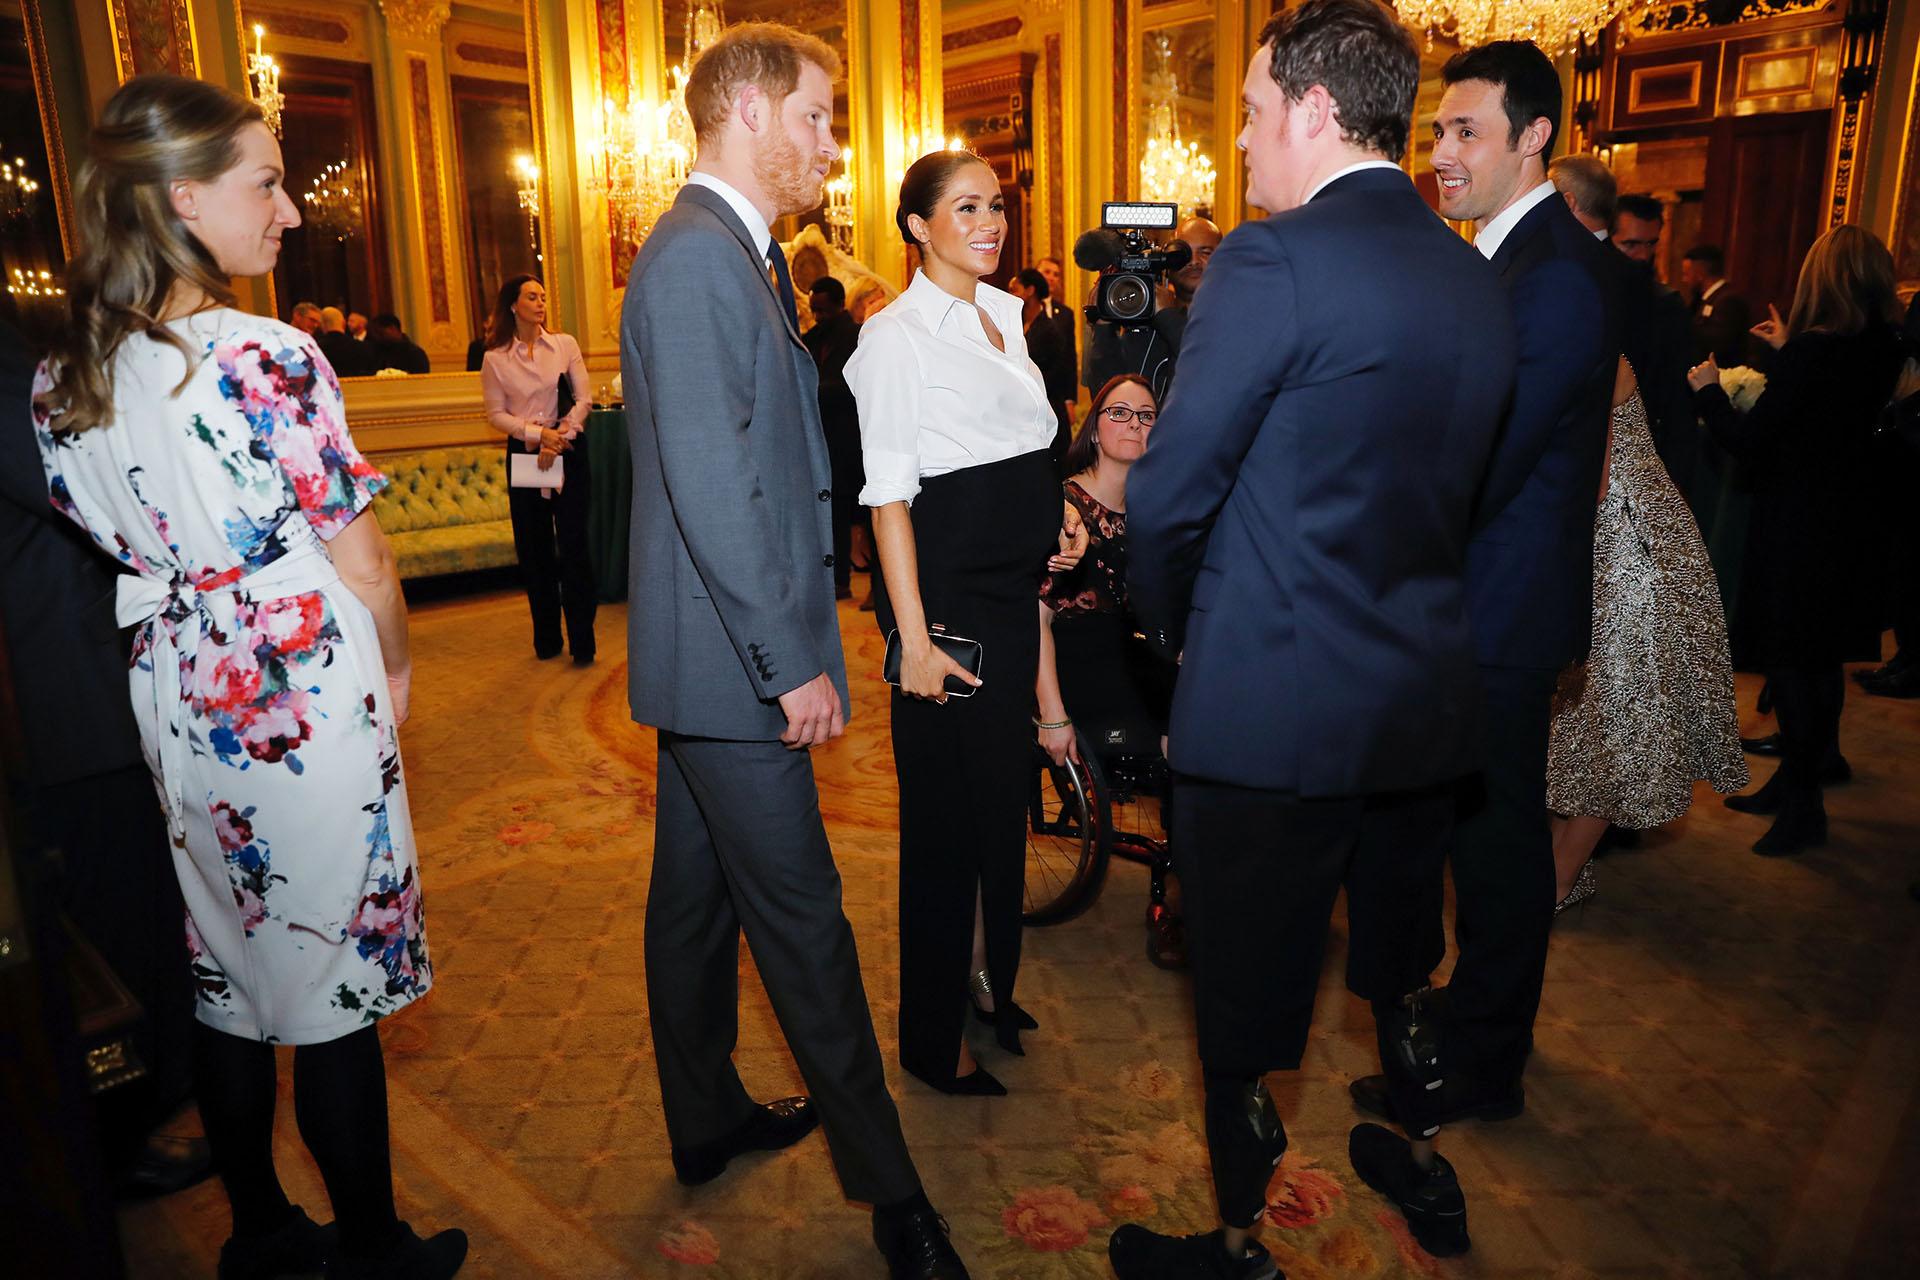 Acompañada por su marido, el príncipe Harry, la pareja habló animadamente con los invitados a la recepción